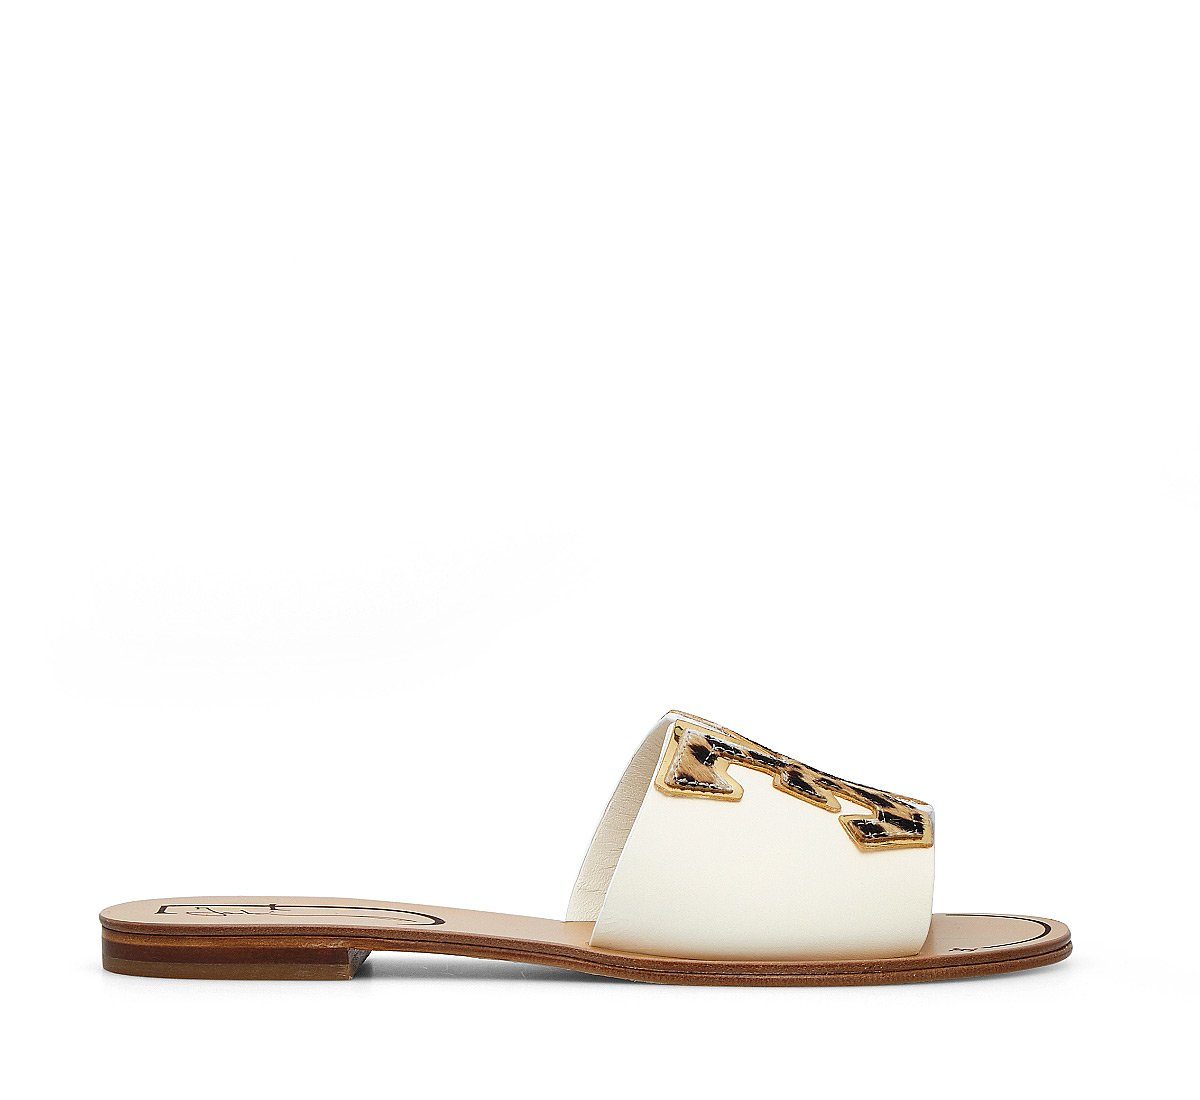 Calfskin slippers